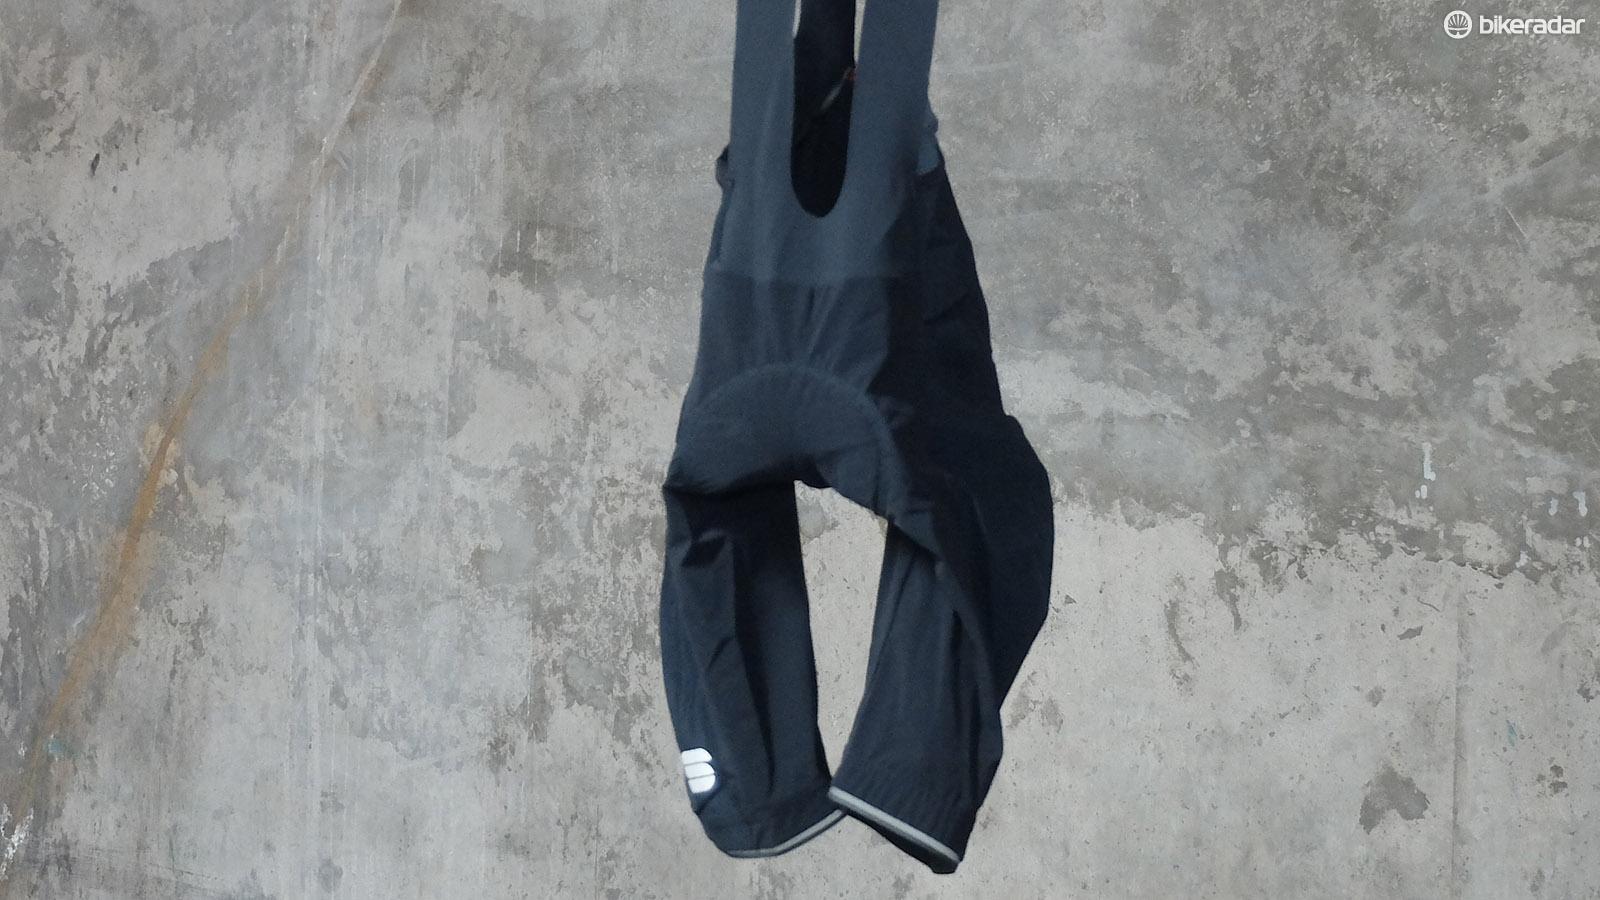 Sportful's Total Comfort bib shorts